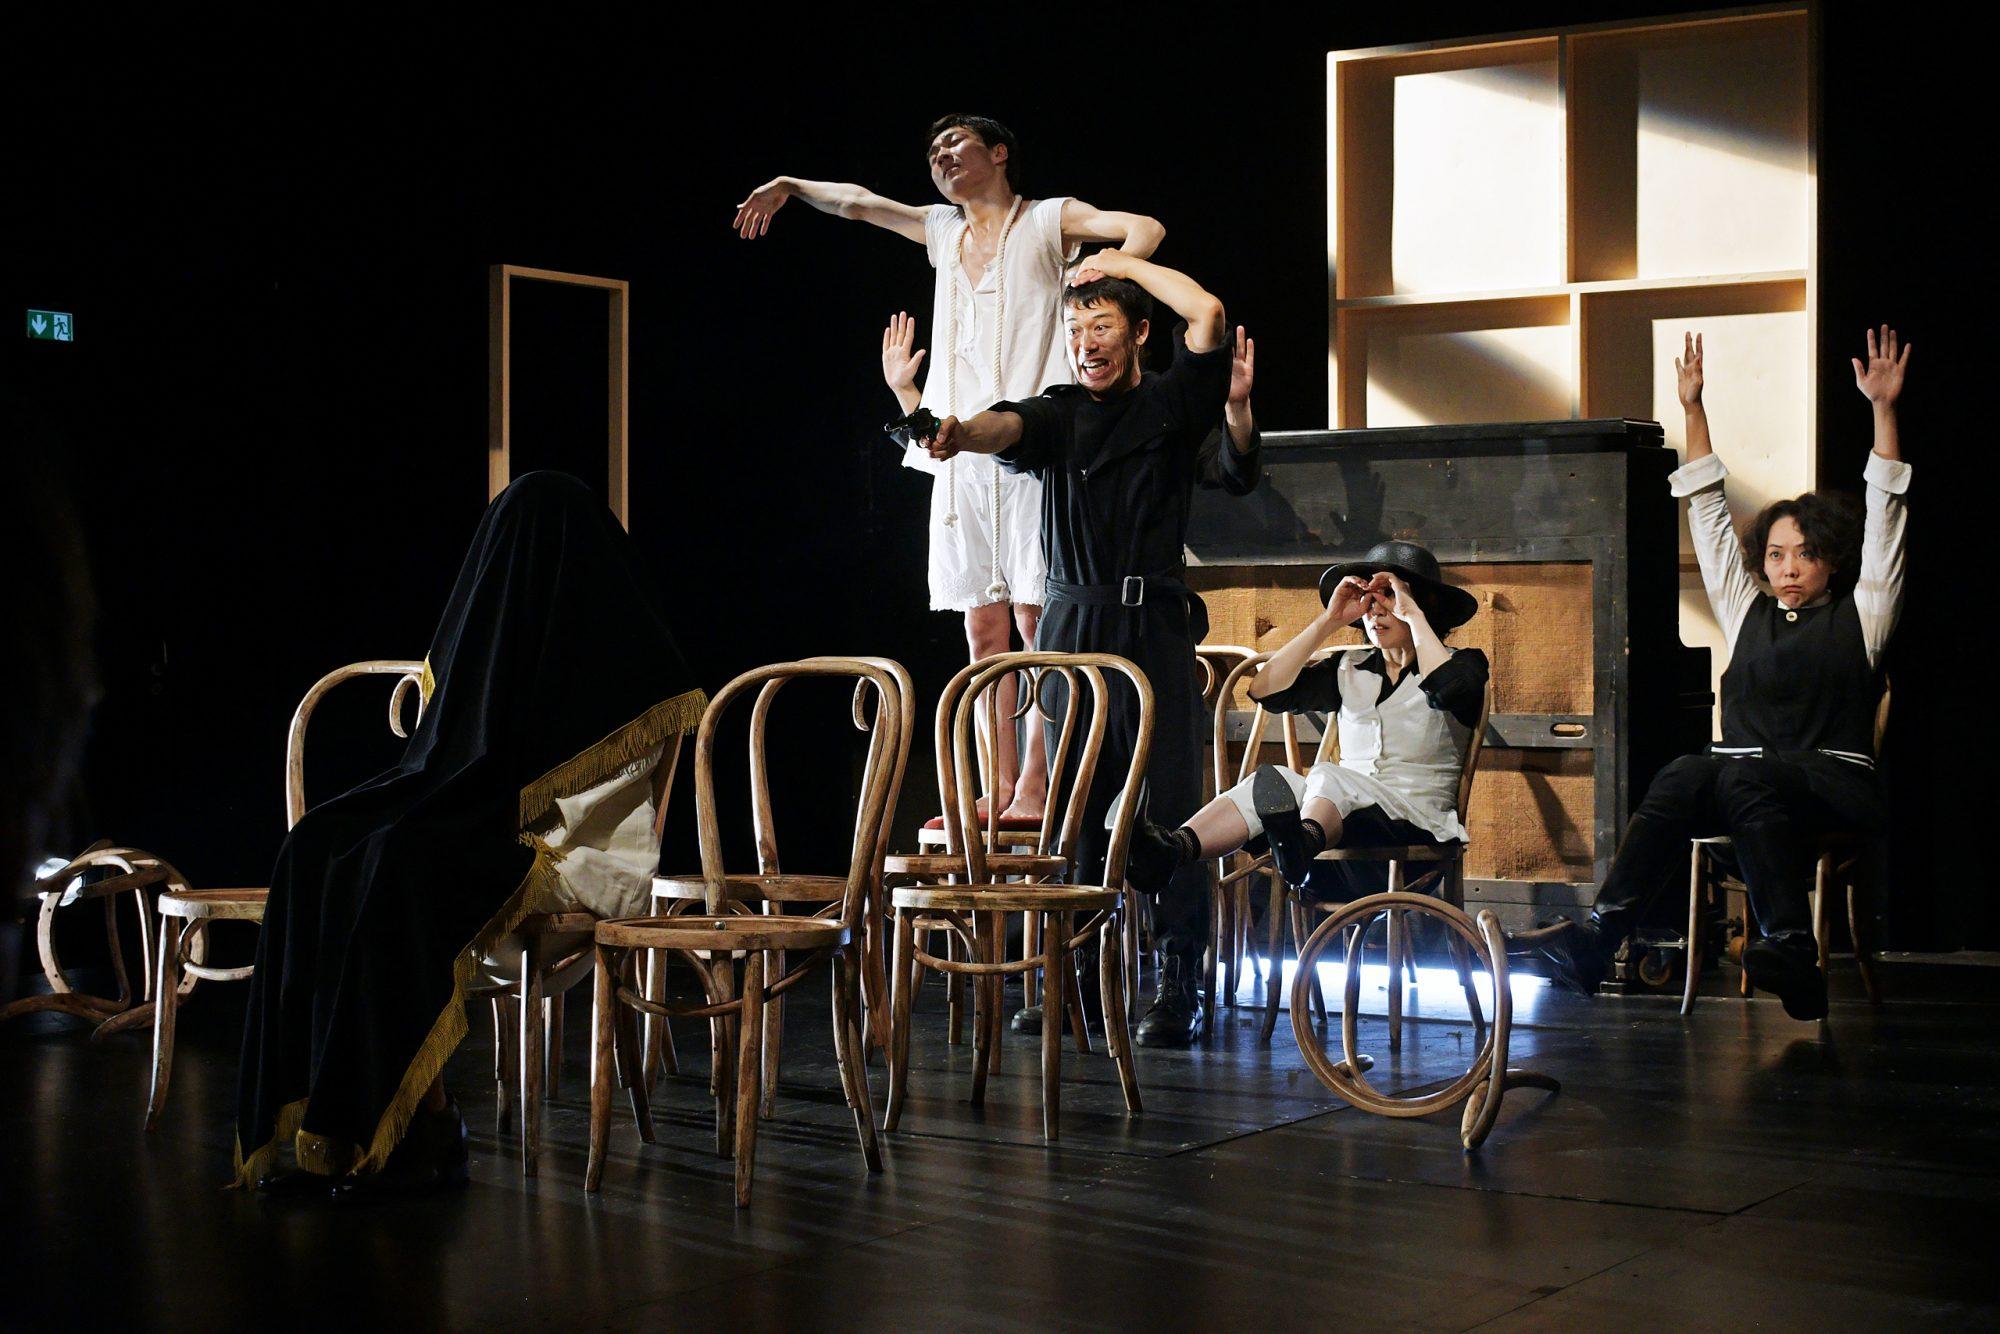 Brechtseller der japanischen Performancegruppe Chiten. © CCT/Daniel Herold